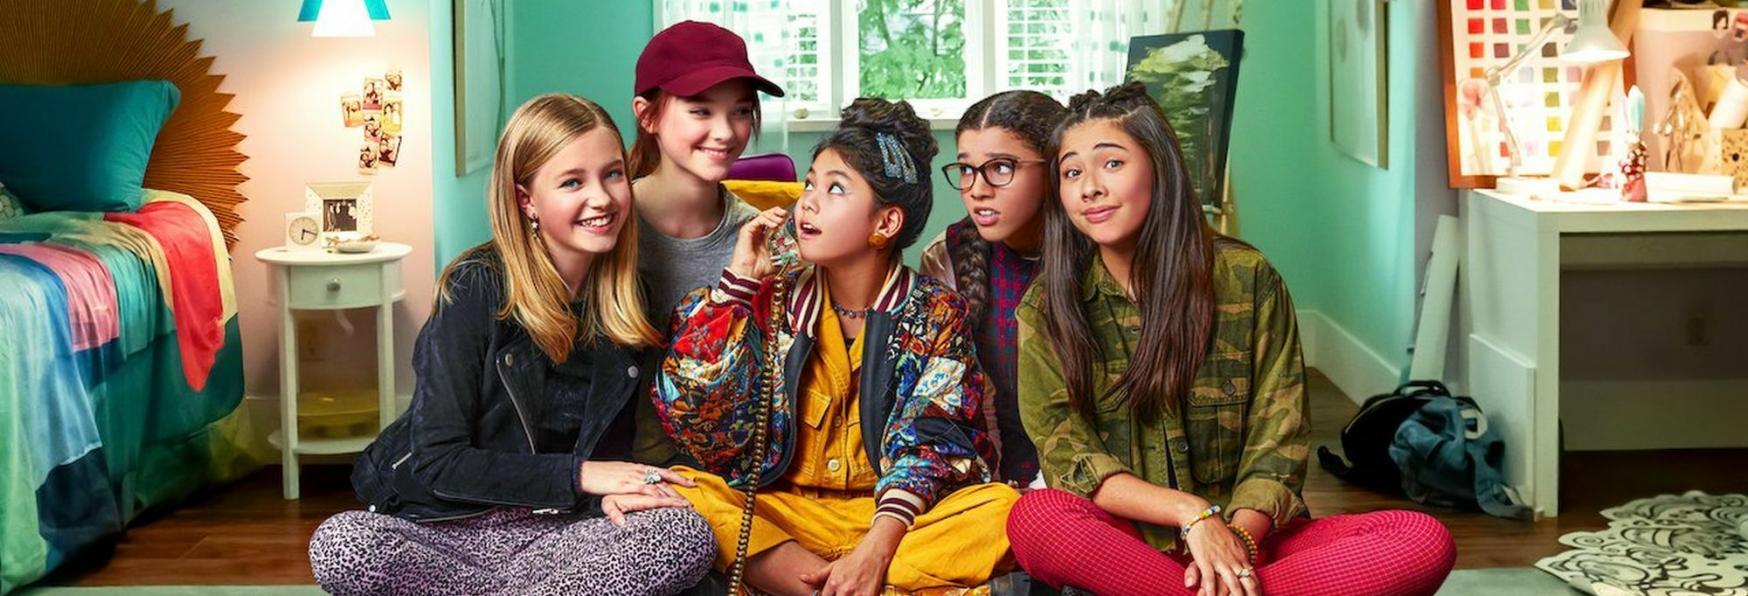 Il Club delle Babysitter 2: Annunciata la Data della nuova Stagione della Serie TV Netflix